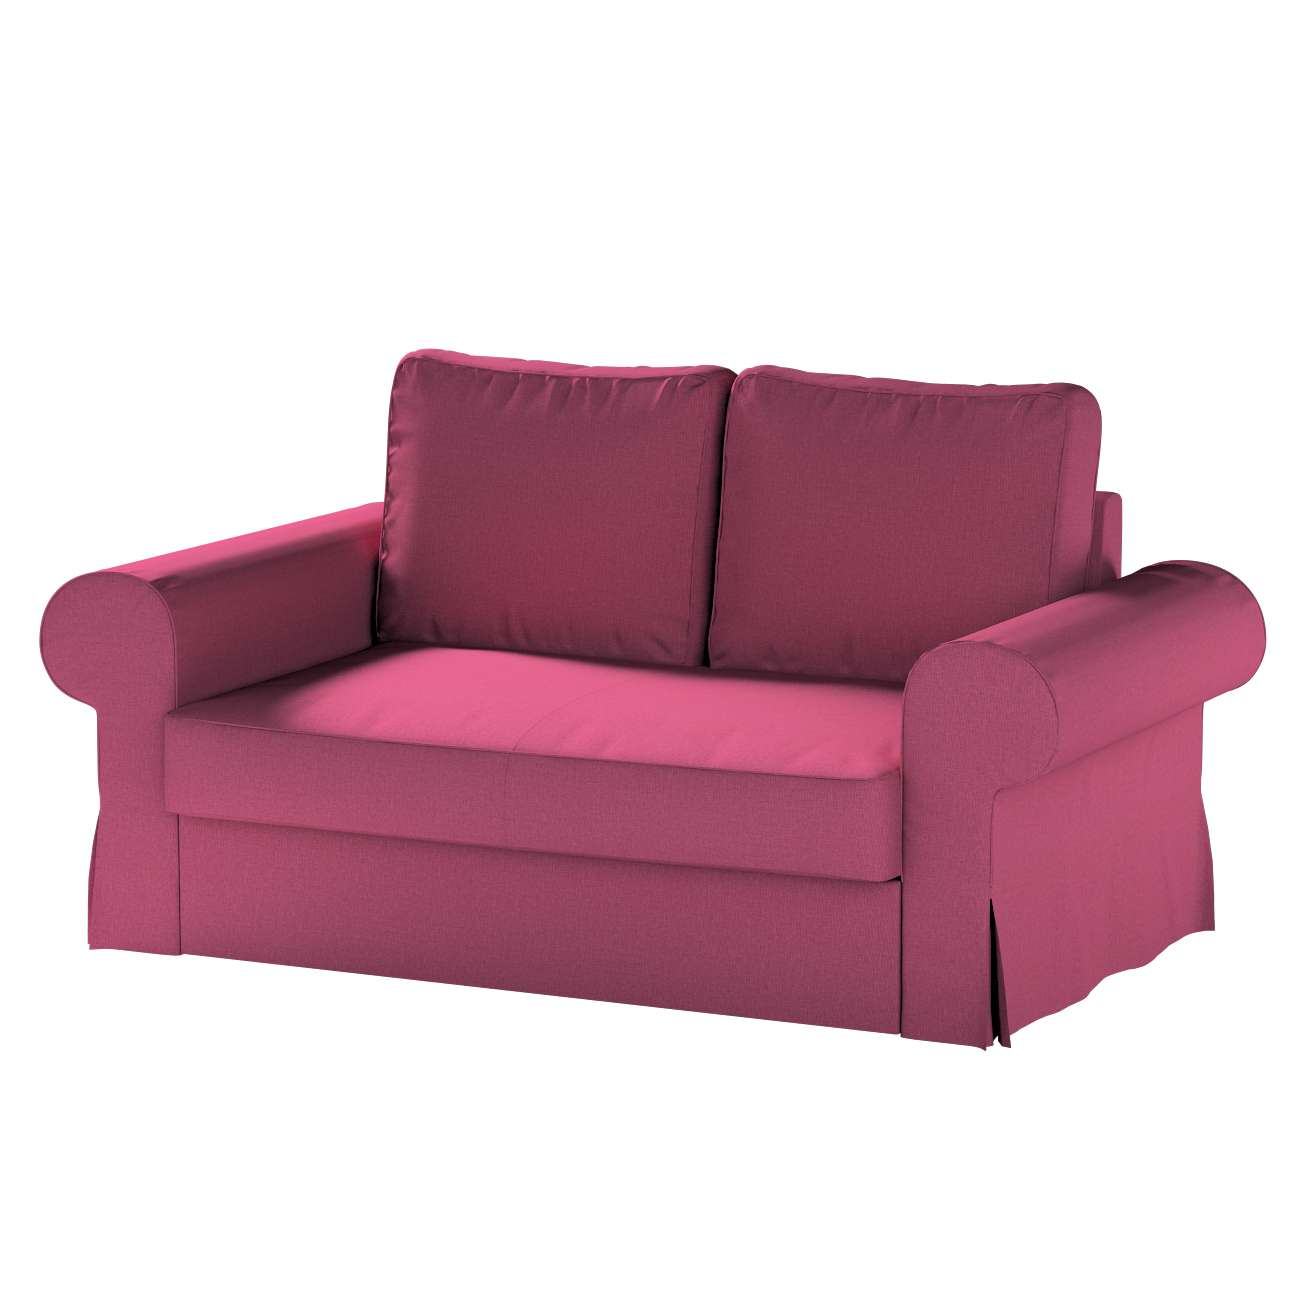 Bezug für Backabro 2-Sitzer Sofa ausklappbar von der Kollektion Living, Stoff: 160-44